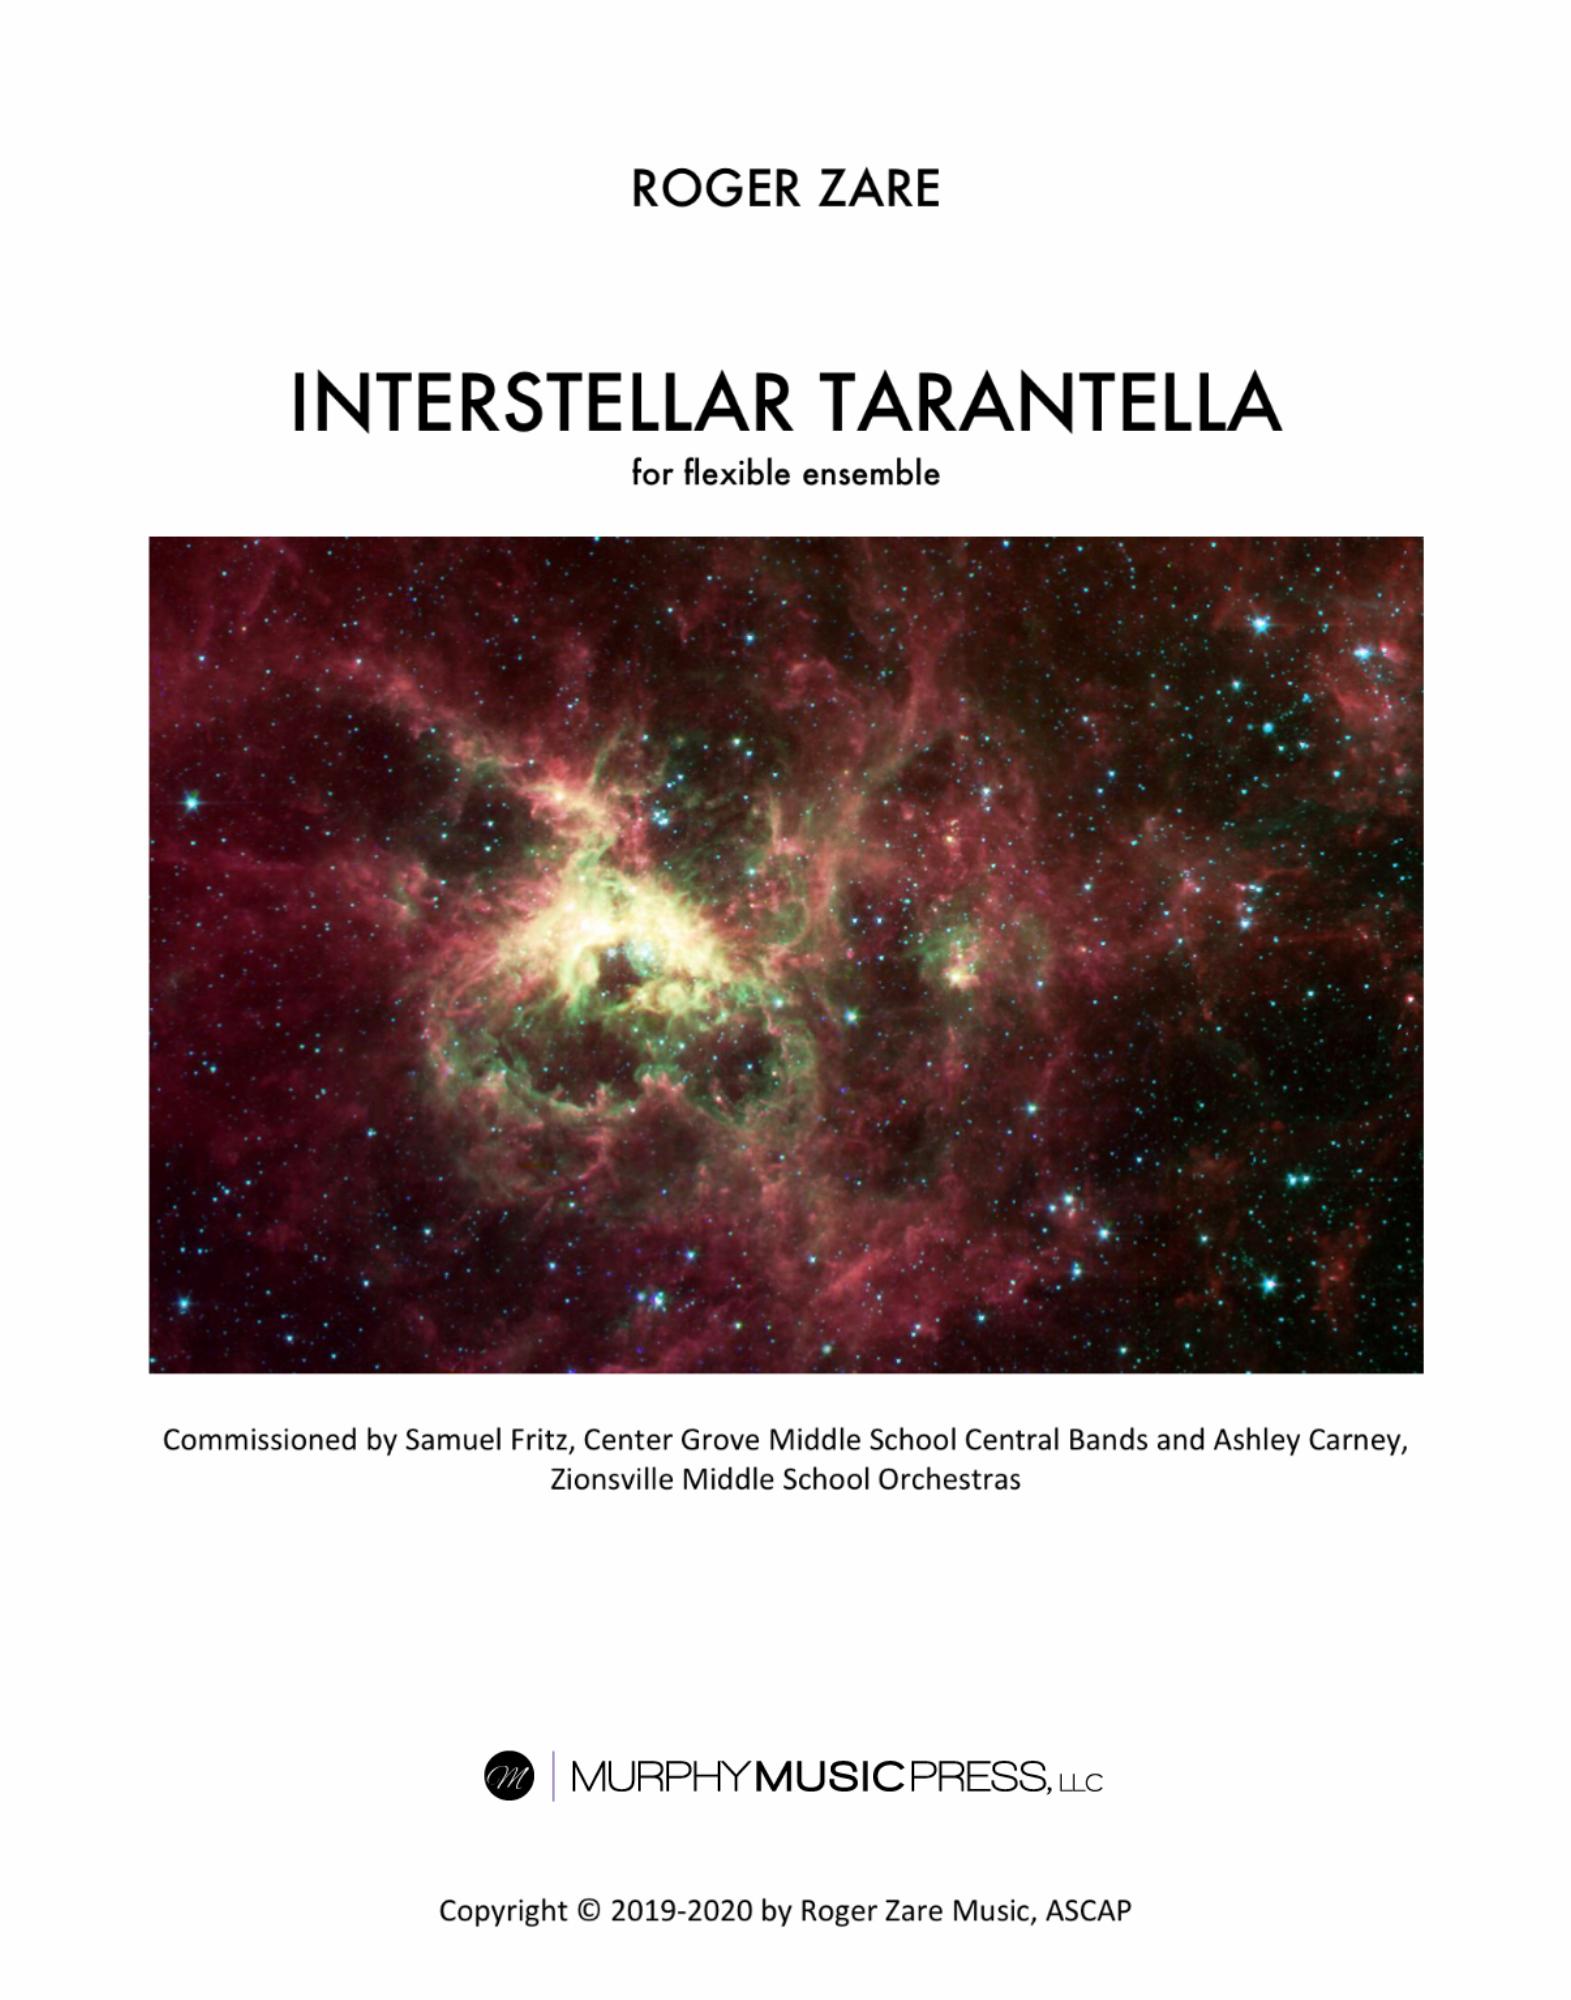 Interstellar Tarantella (Flex Version)  by Roger Zare